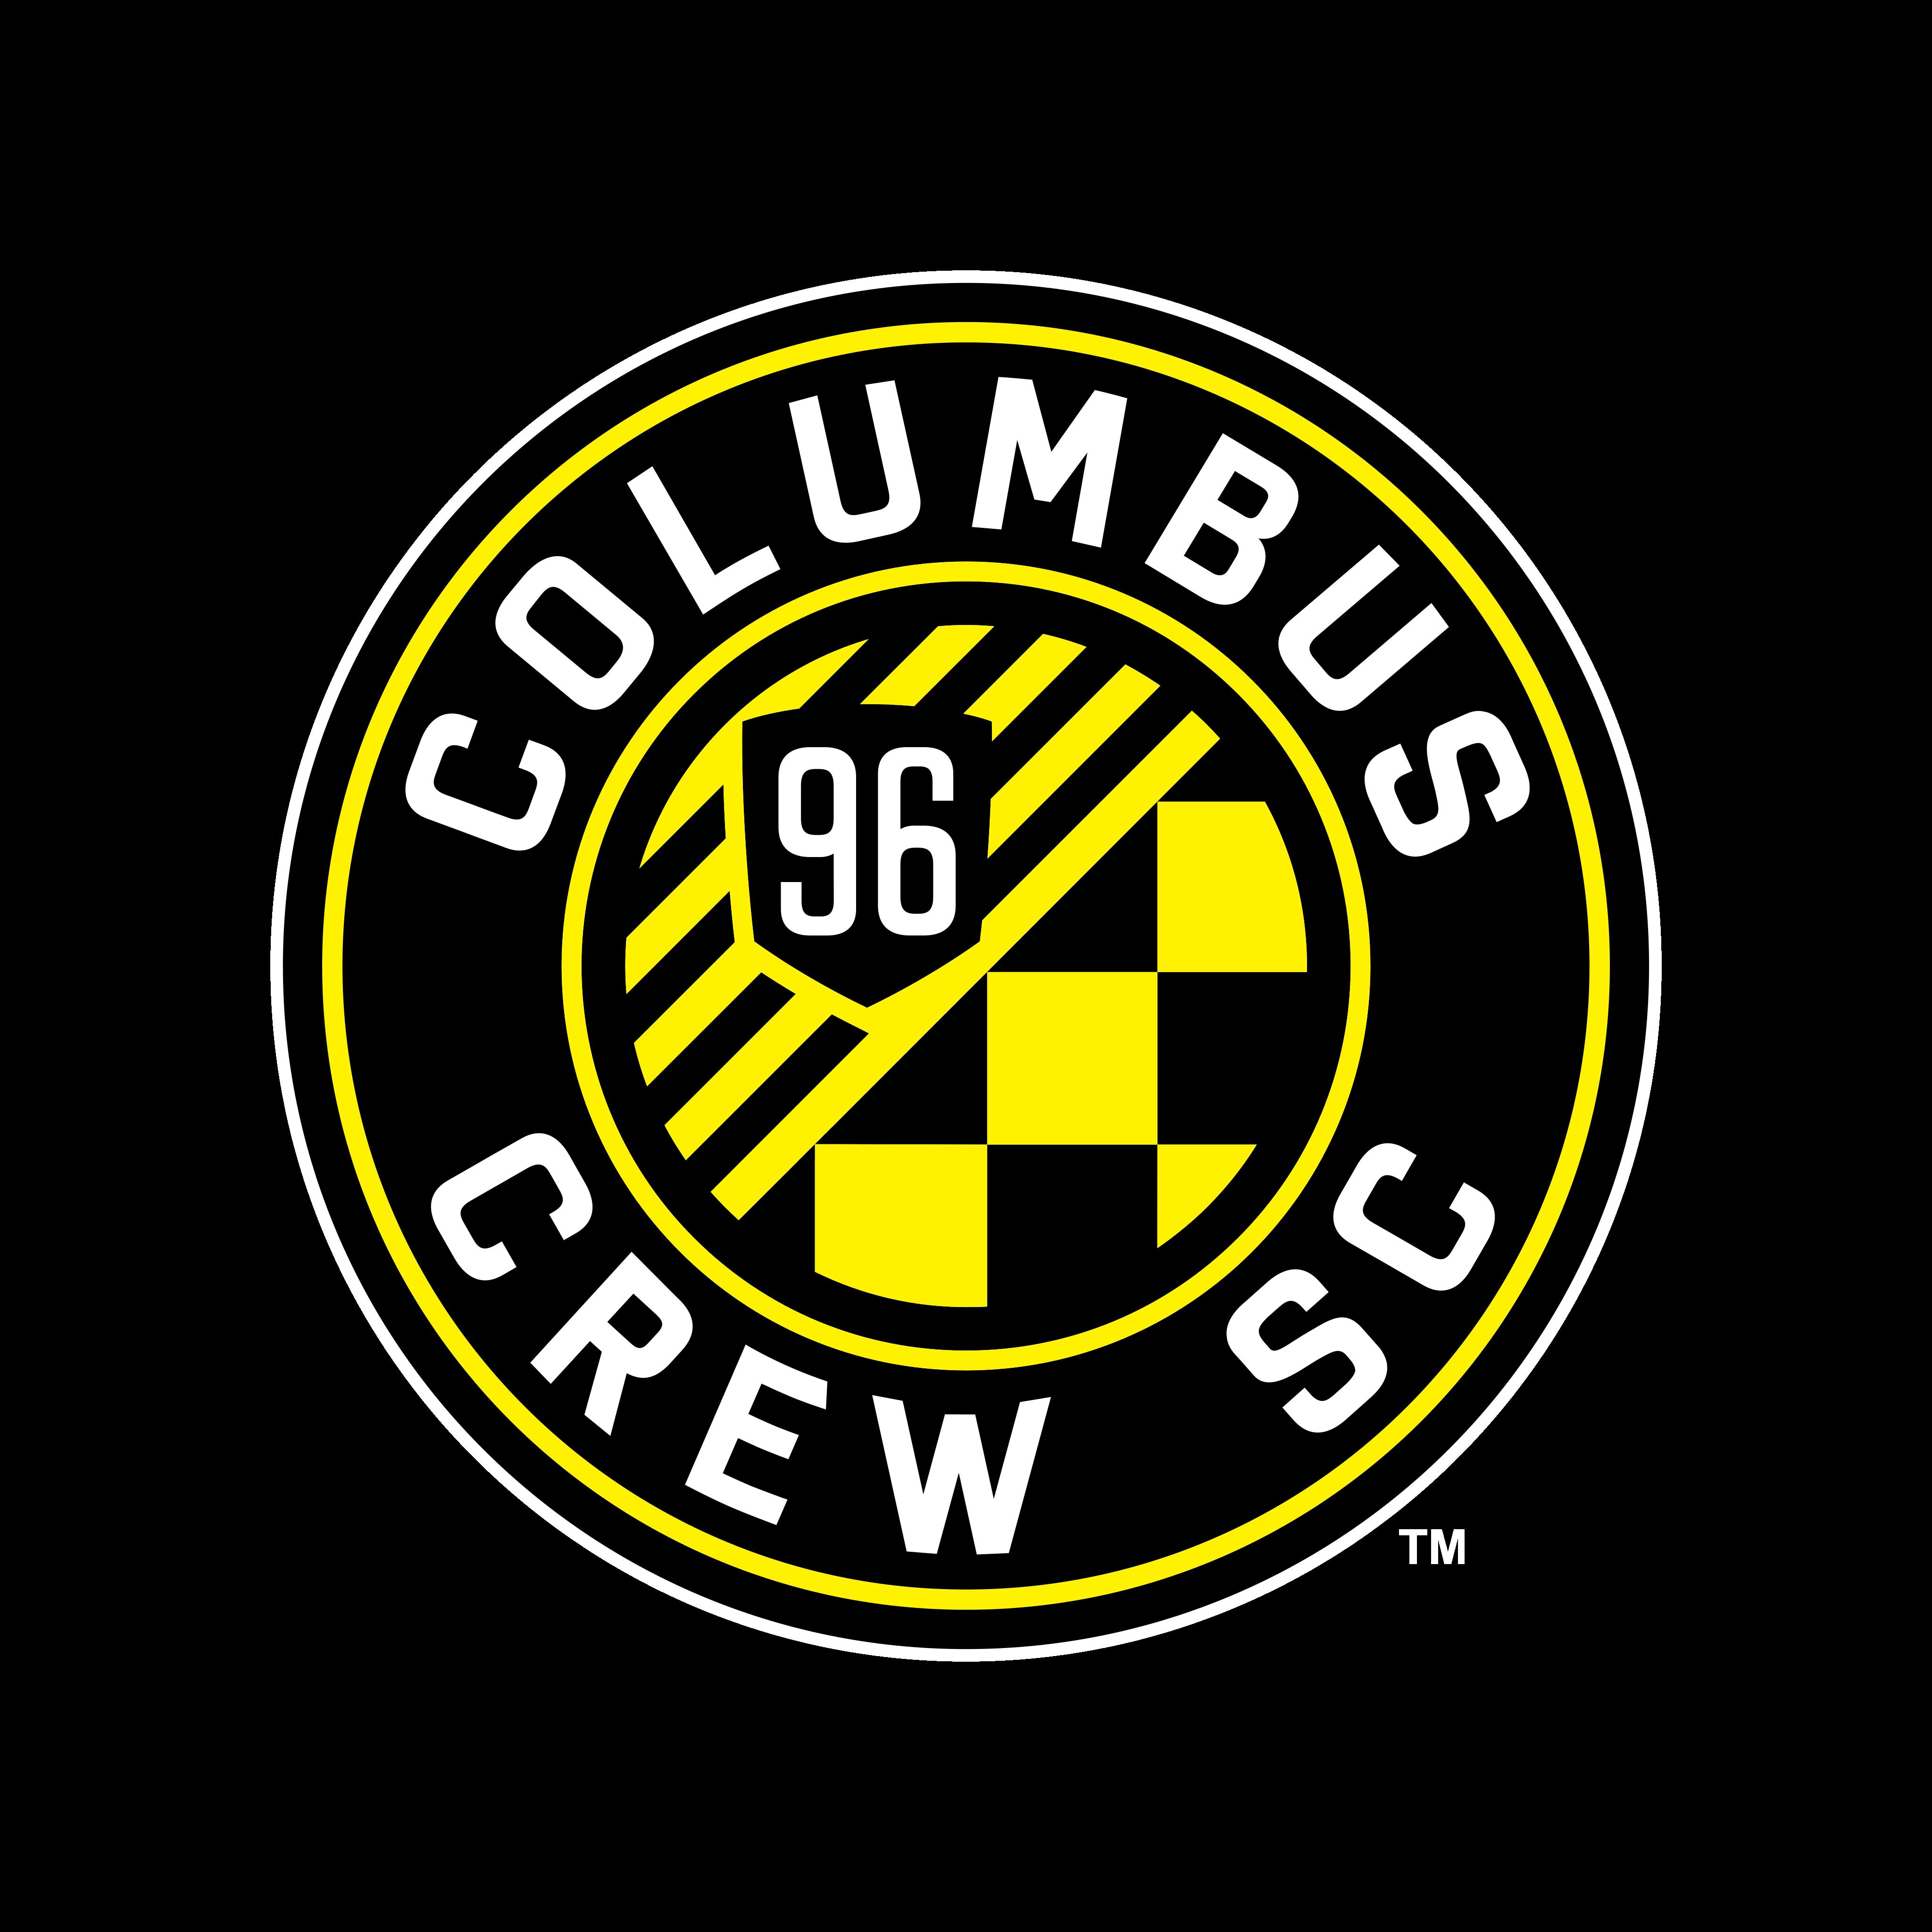 columbus crew logo 0 - Columbus Crew SC Logo